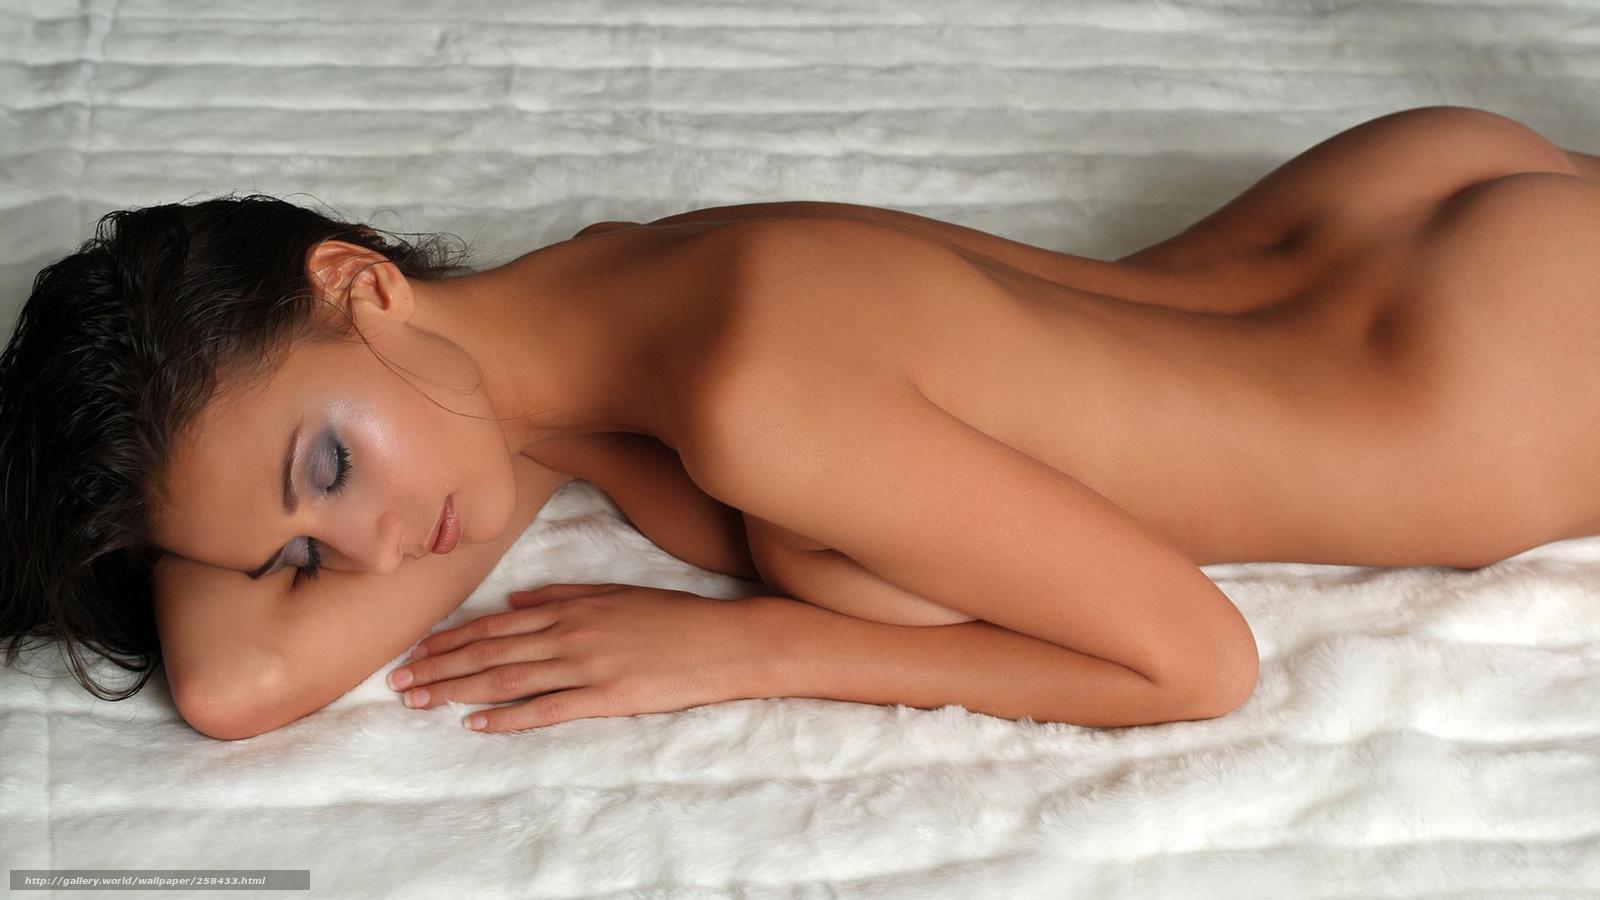 Фото голая девушка спит 17 фотография